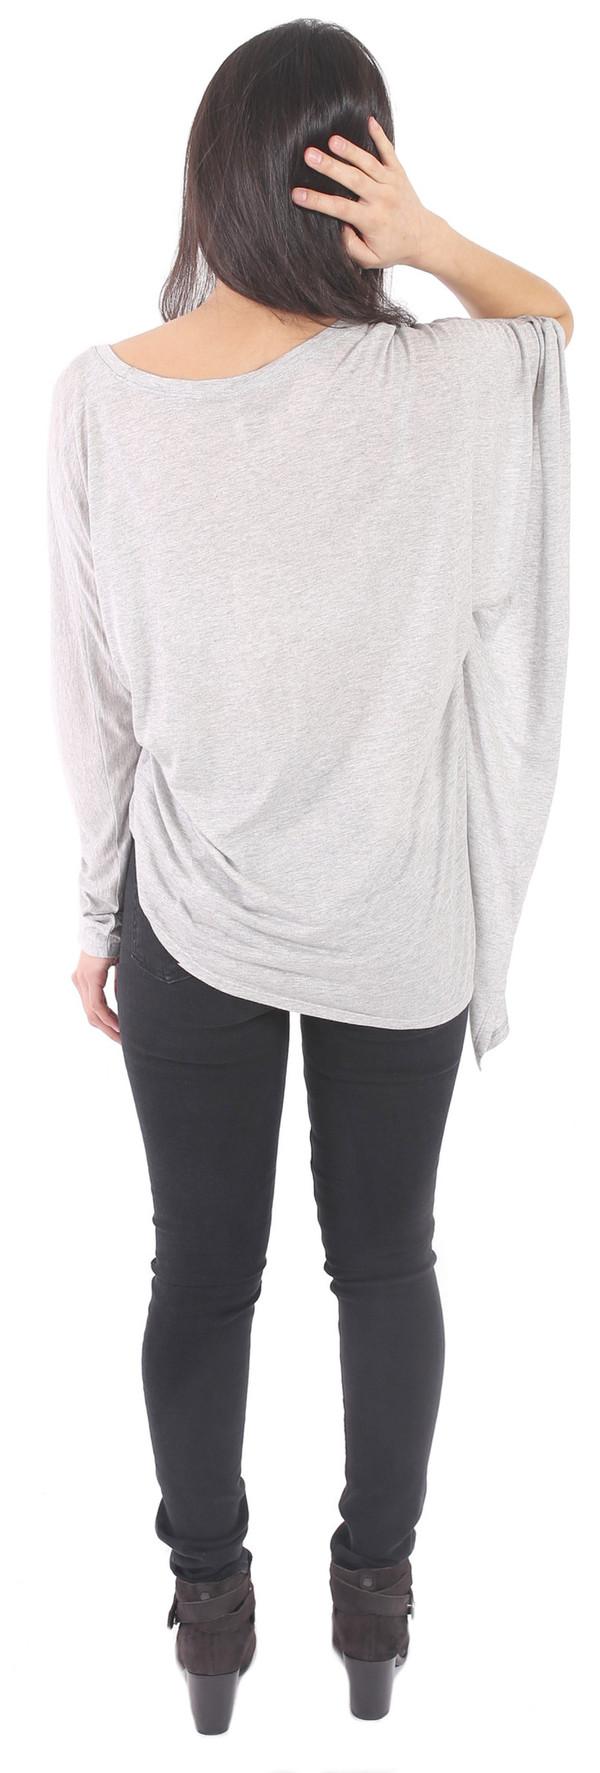 Lanston Asymmetrical Drape Tunic